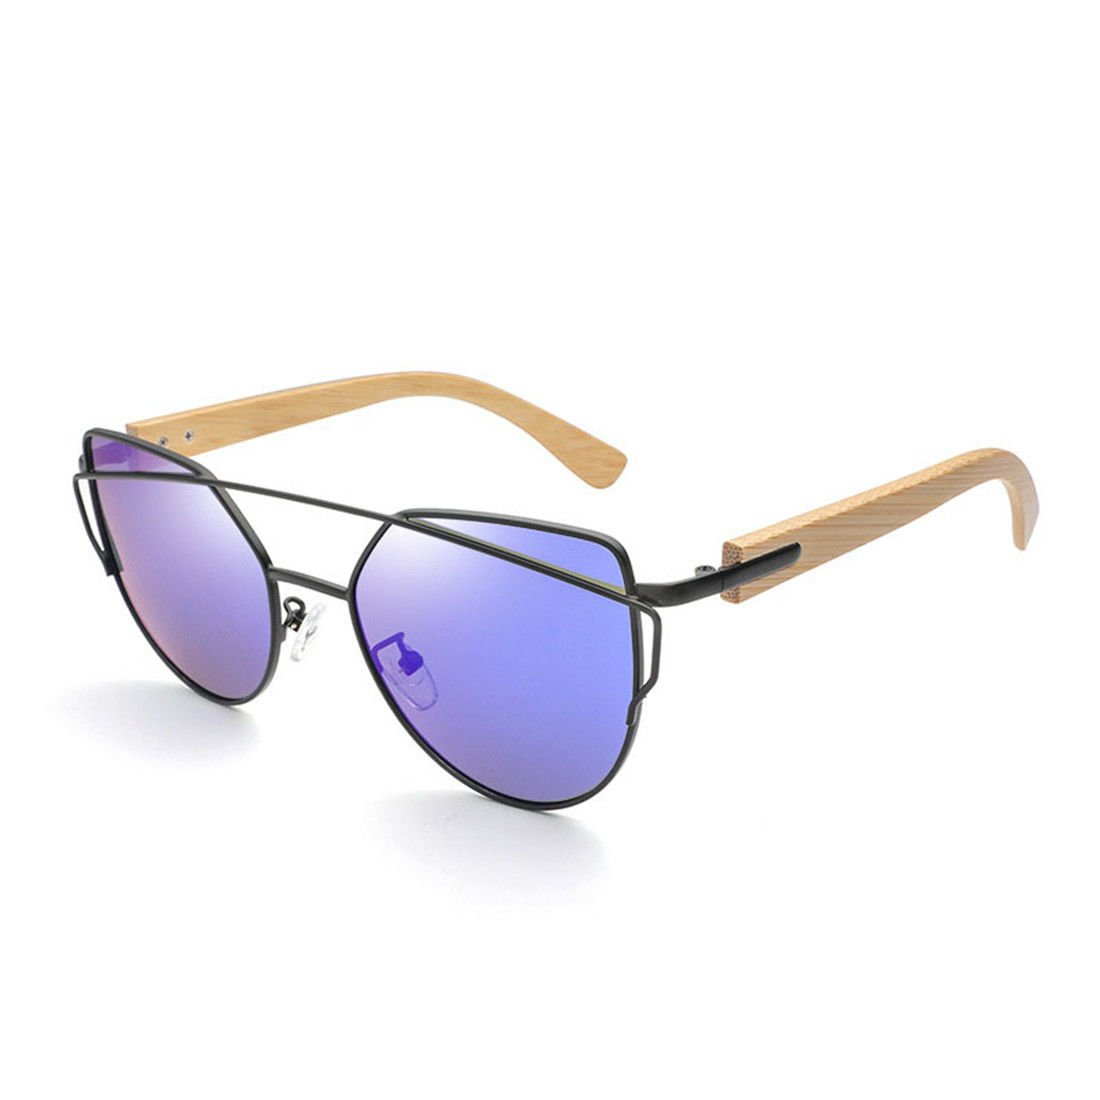 Flache Optische Sonnenbrille GCC Die Sonnenbrille Farbe Film Stilvolle Bambus Holz